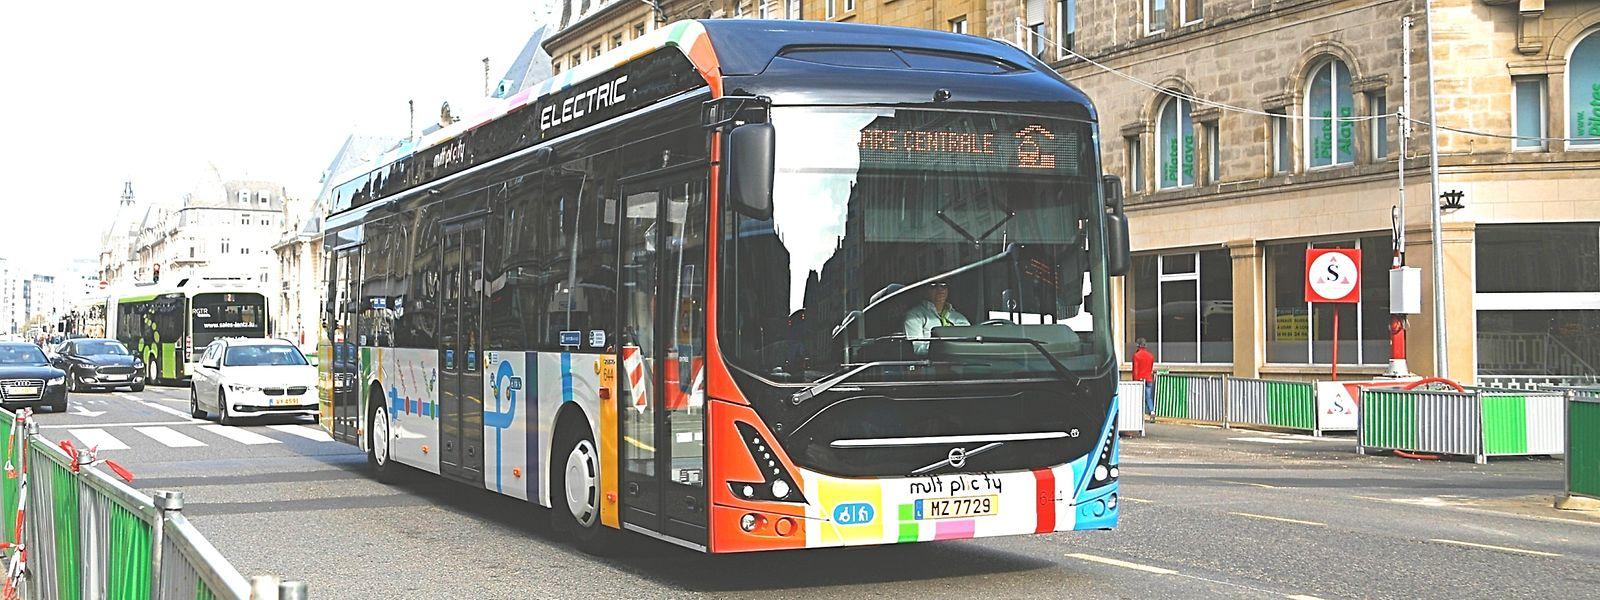 Pour assurer le nouveau service, la Ville met en service des bus électriques de 10 mètres.